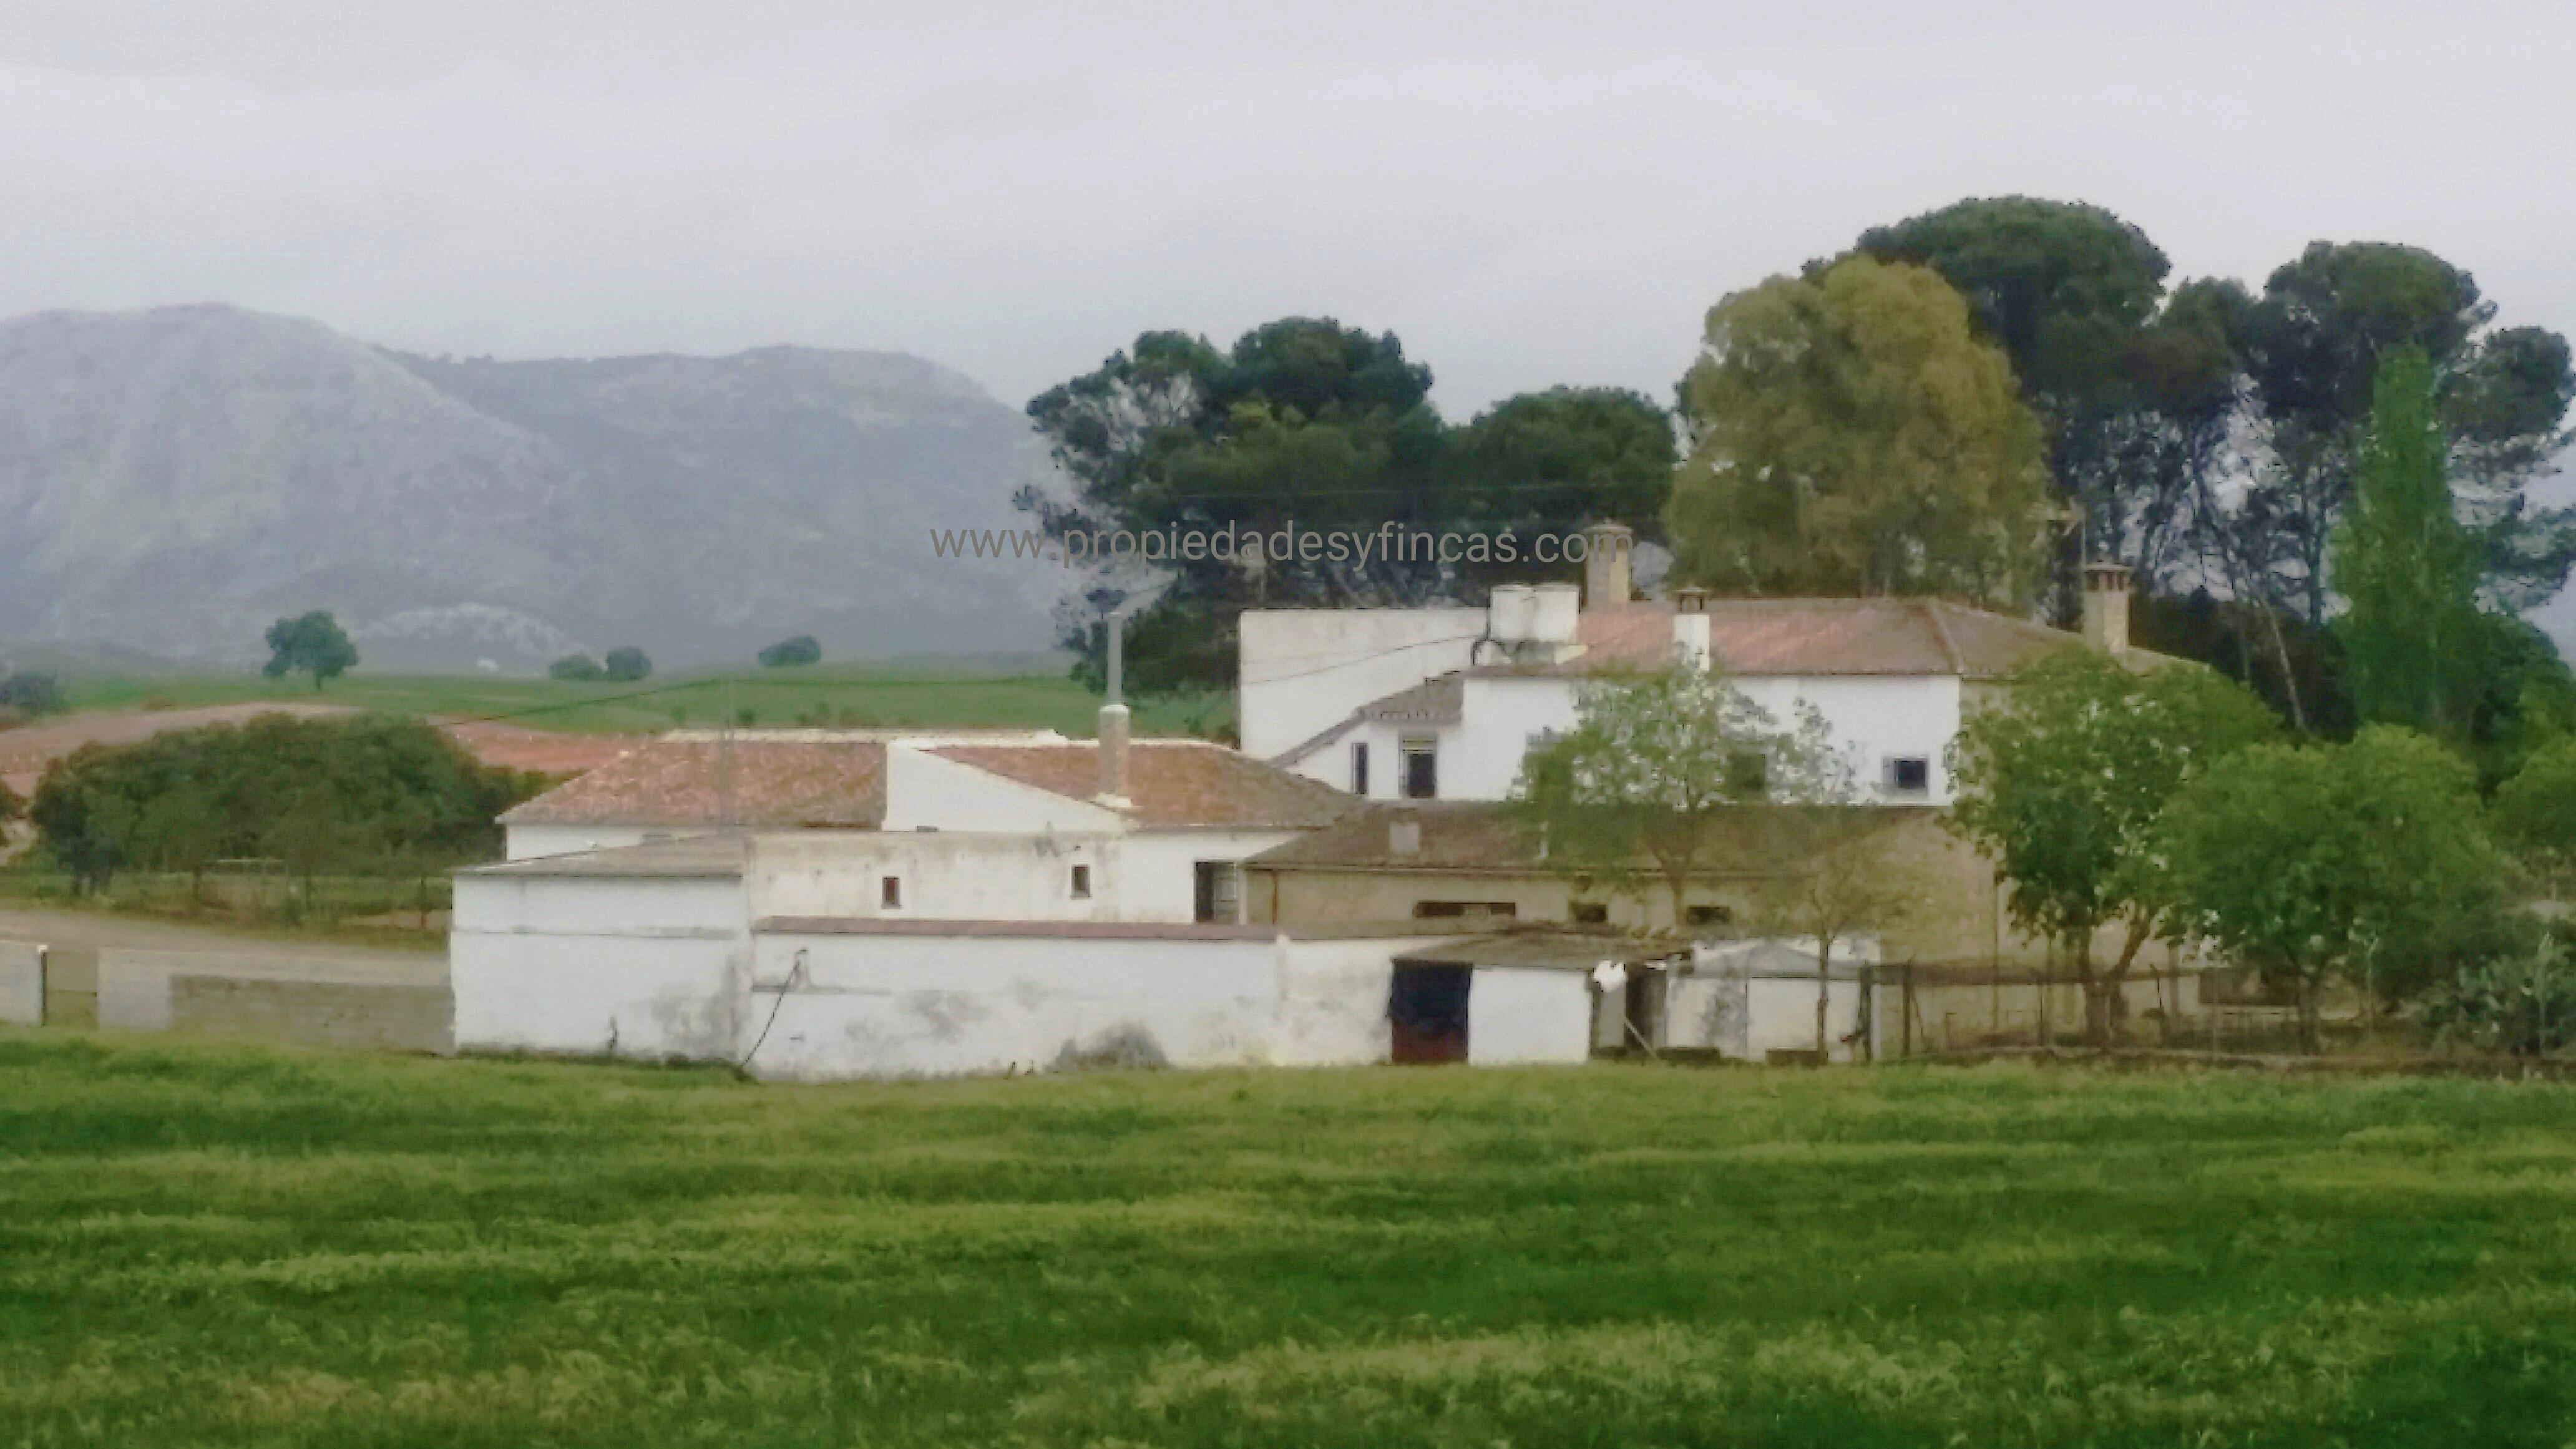 Casa de la finca propiedades fincas for Casas en la finca